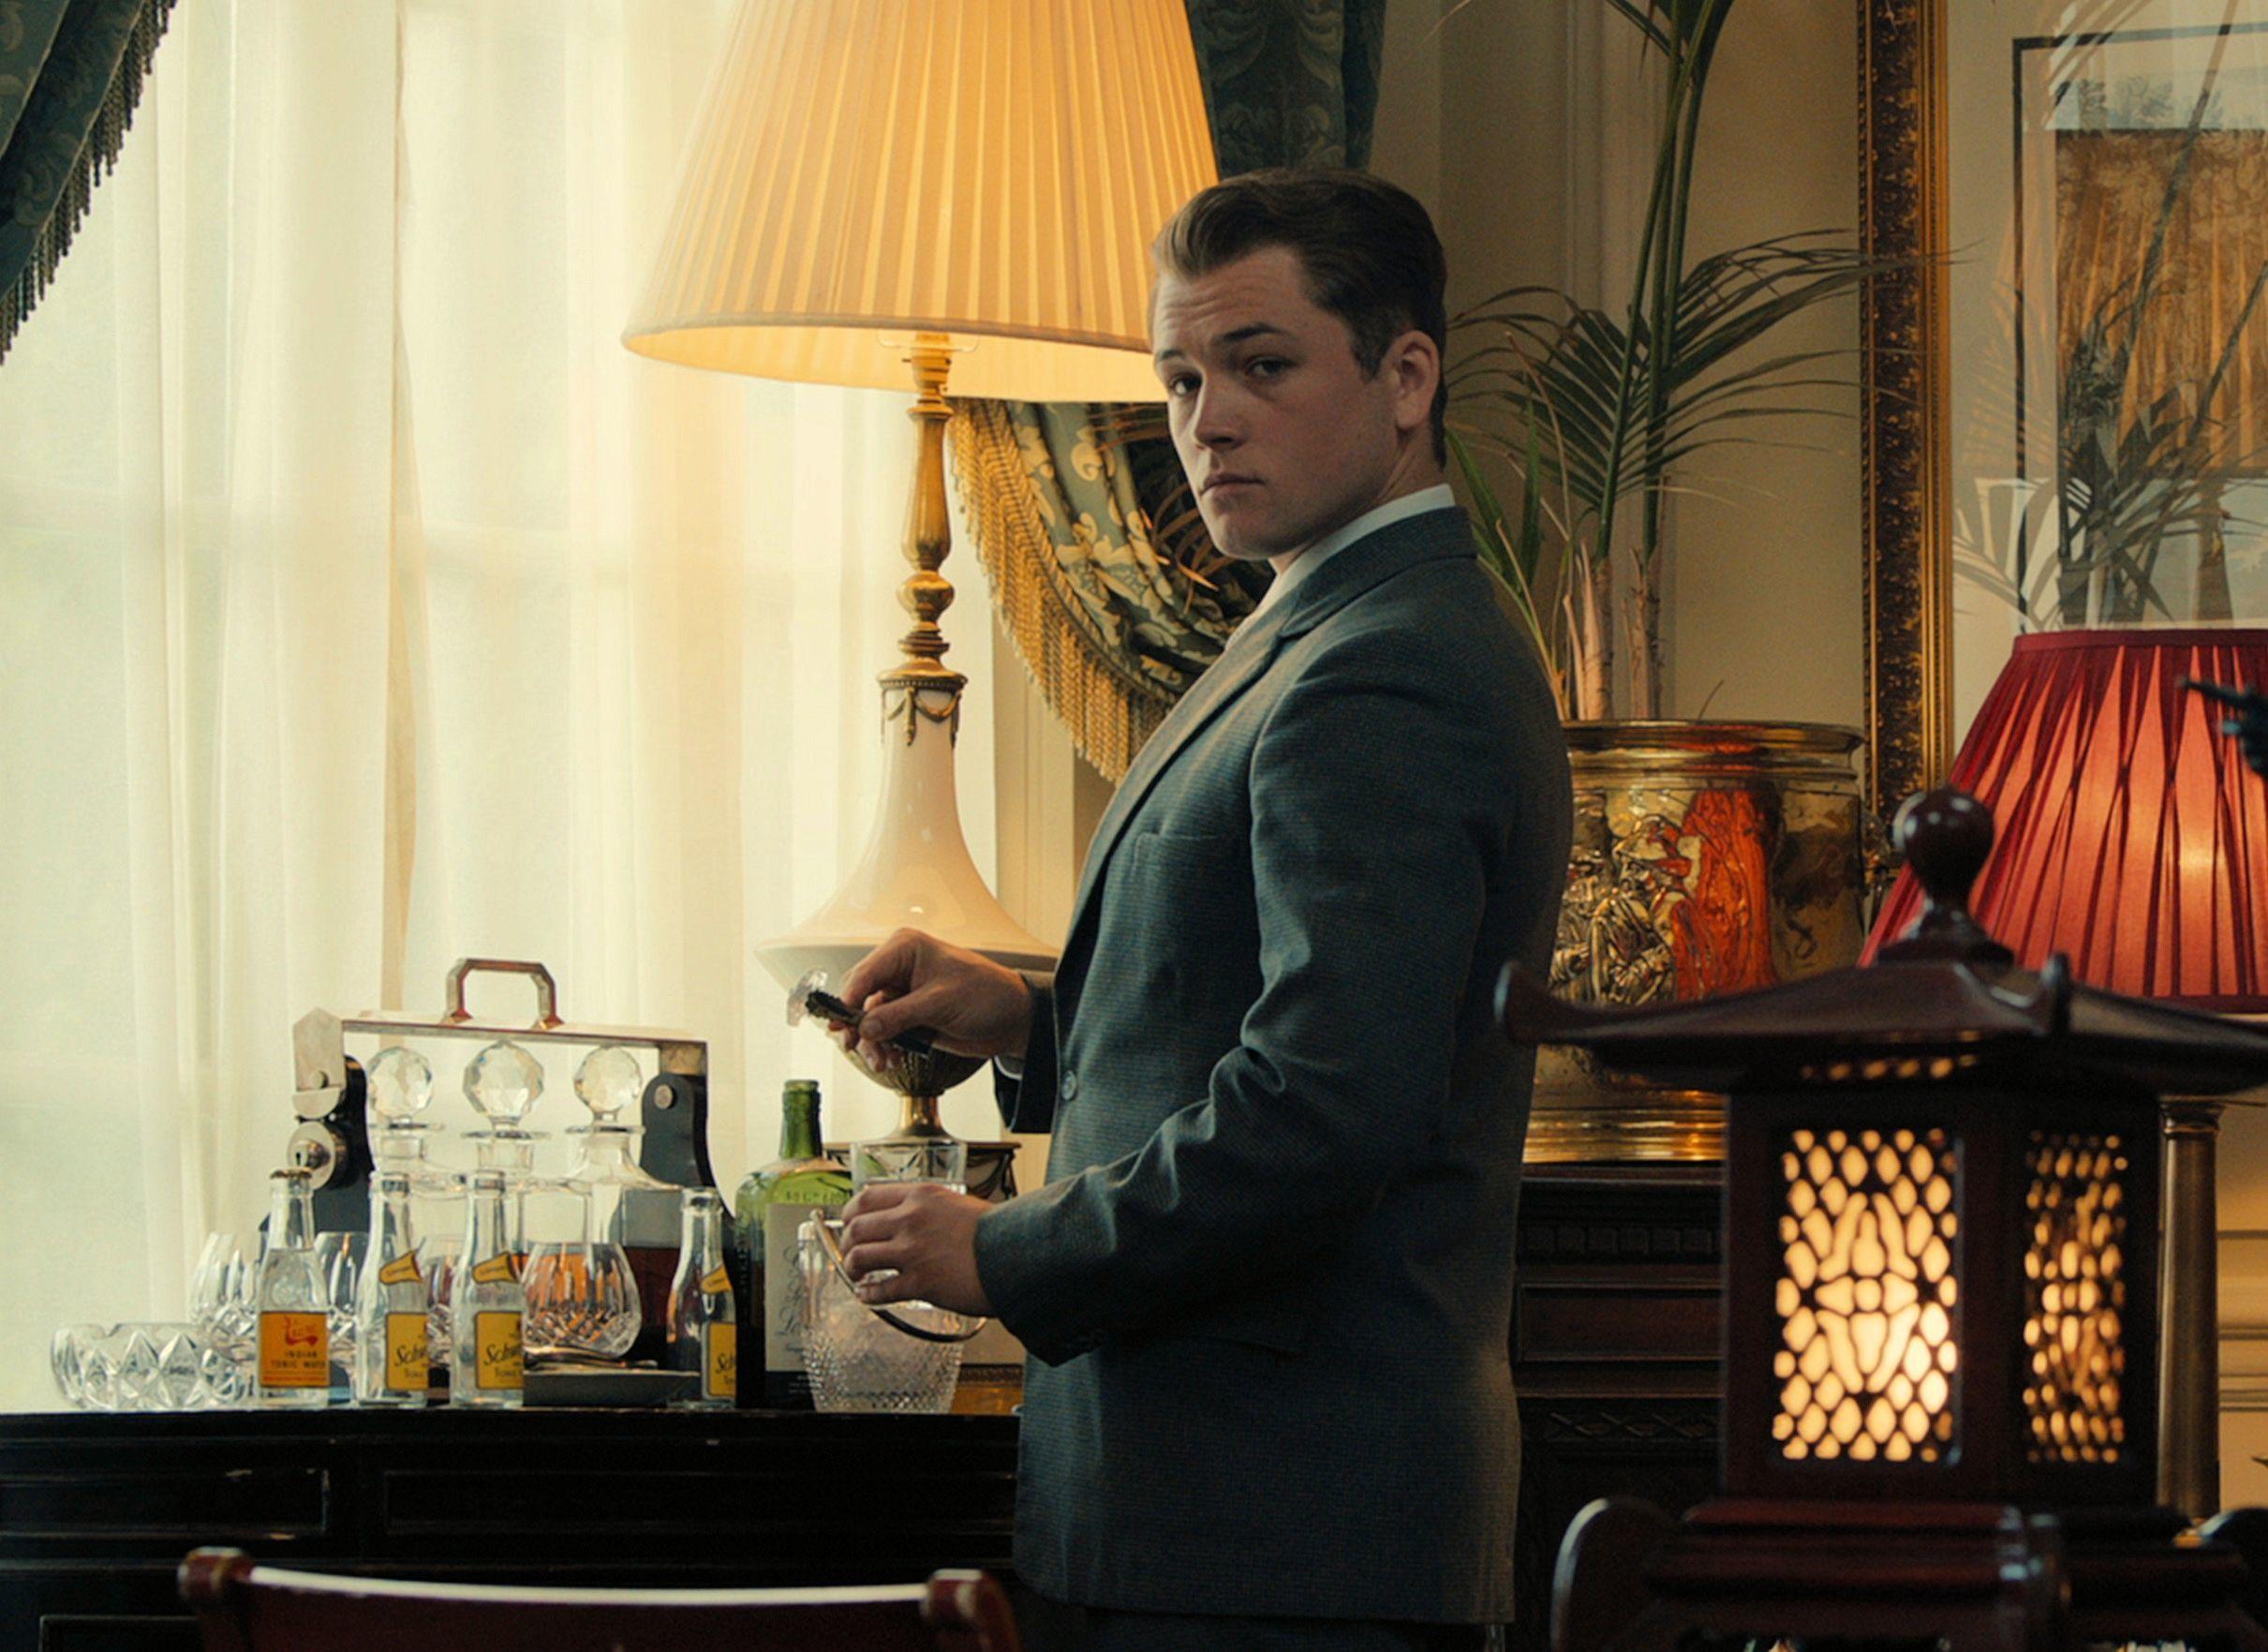 『キングスマン』に続き、ステキなスーツ姿を見せてくれるタロン・エガ―トン (C) 2015 STUDIOCANAL S.A. ALL RIGHTS RESERVED.Copyright